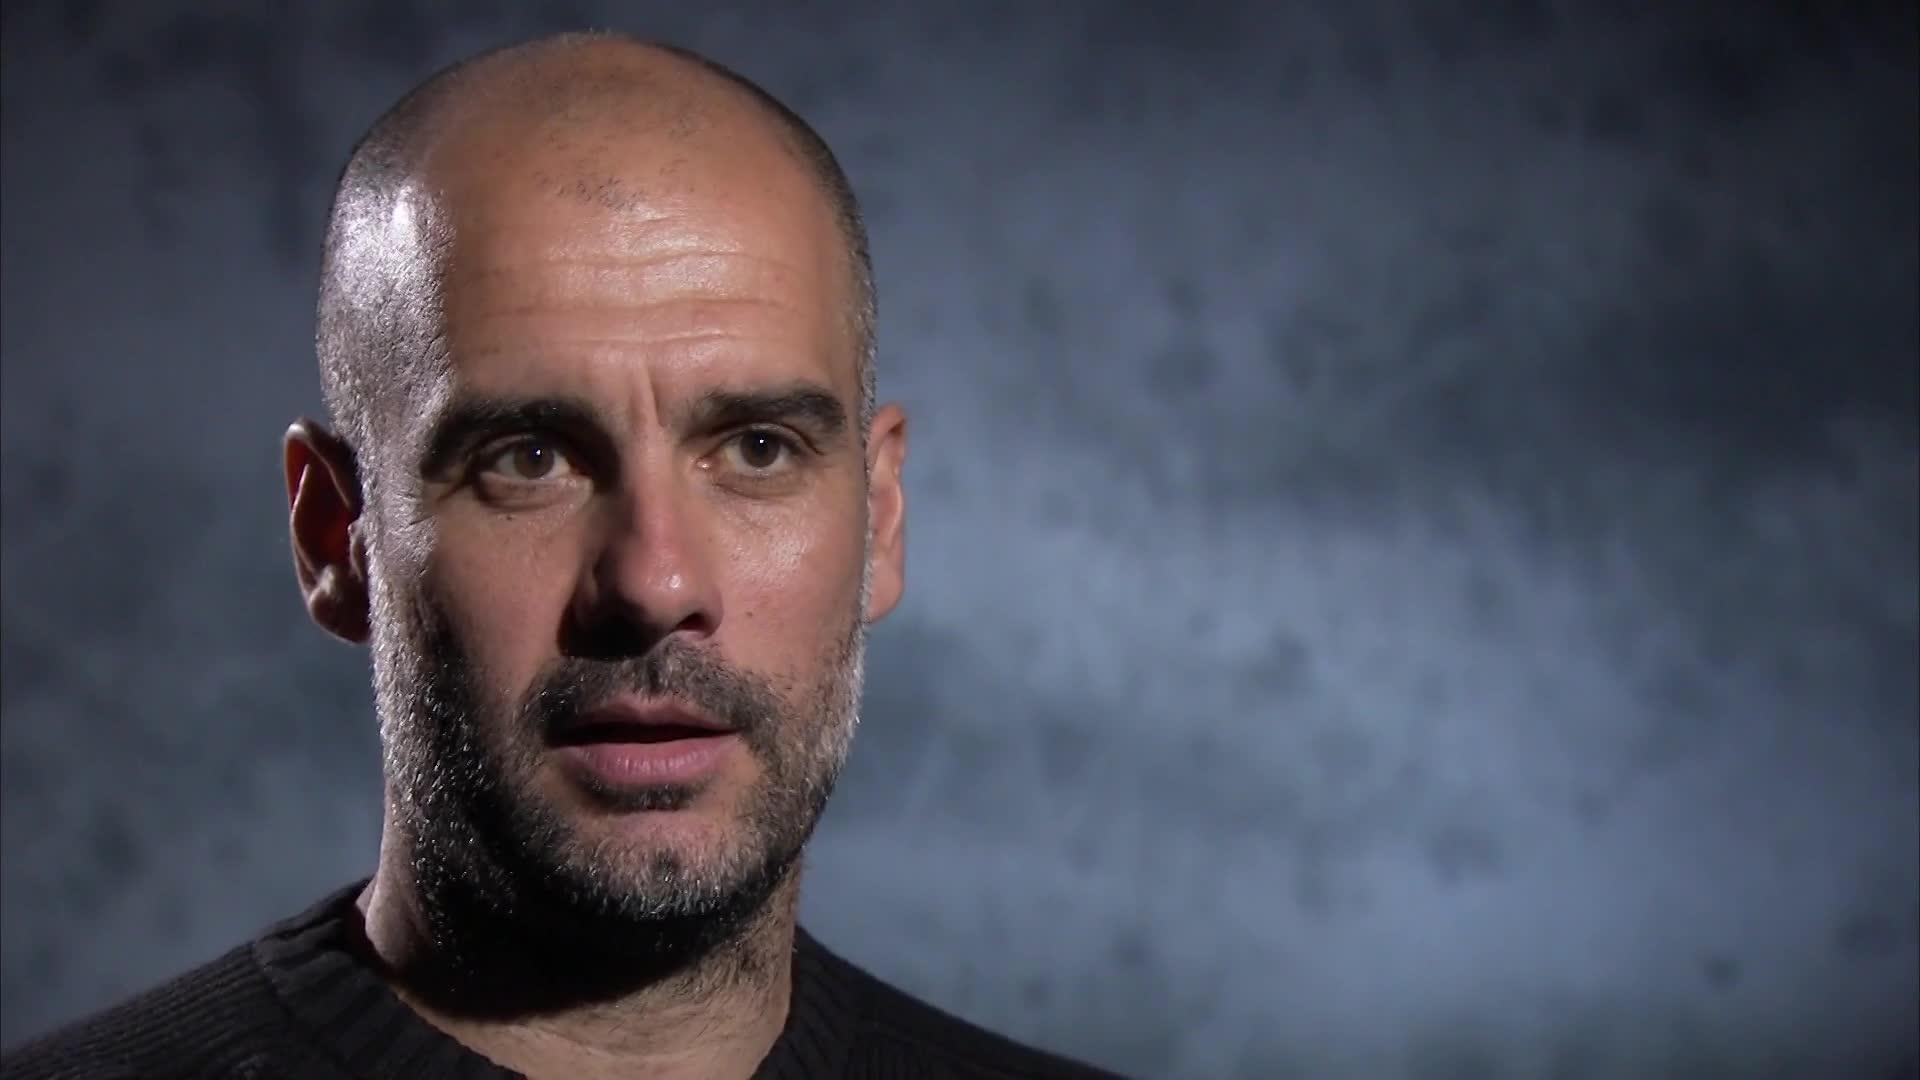 Pep Guardiola sarà il nuovo allenatore della Juventus? C'è chi lo afferma con certezza e chi, a sentirlo, gli scappa un po' da ridere.